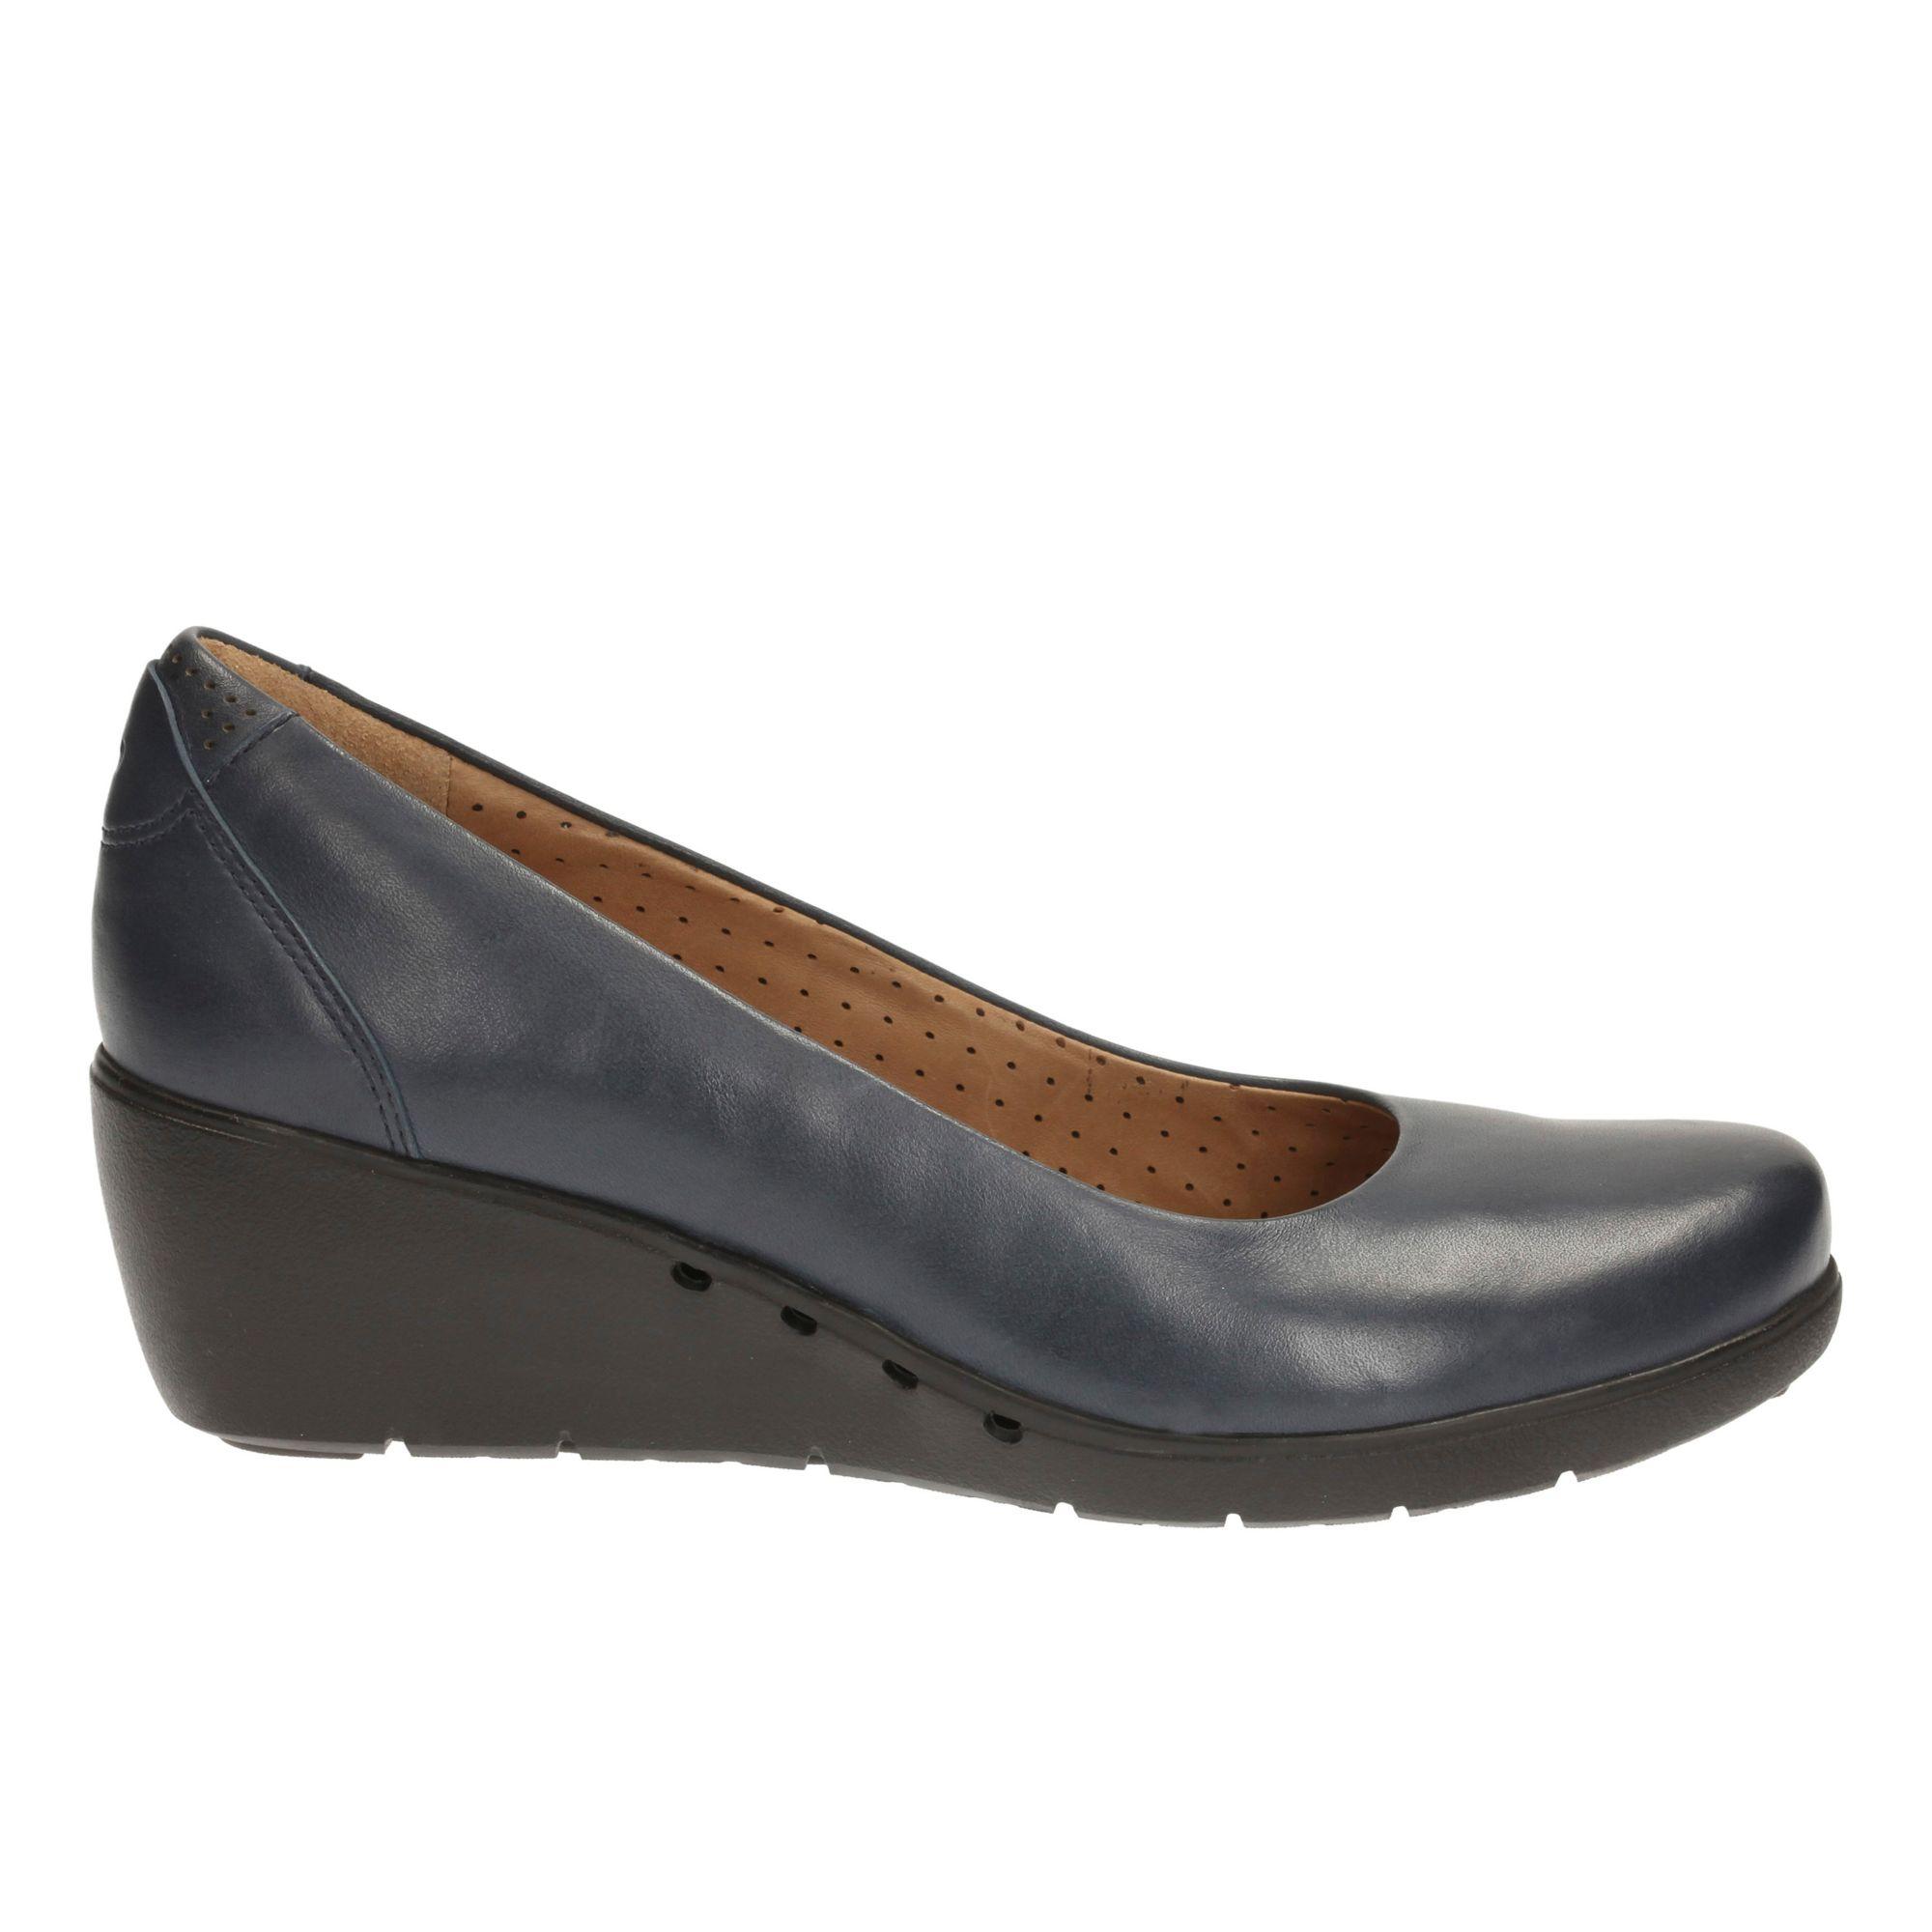 Zapatos mujer Un Cass: Tiendas Notizalia